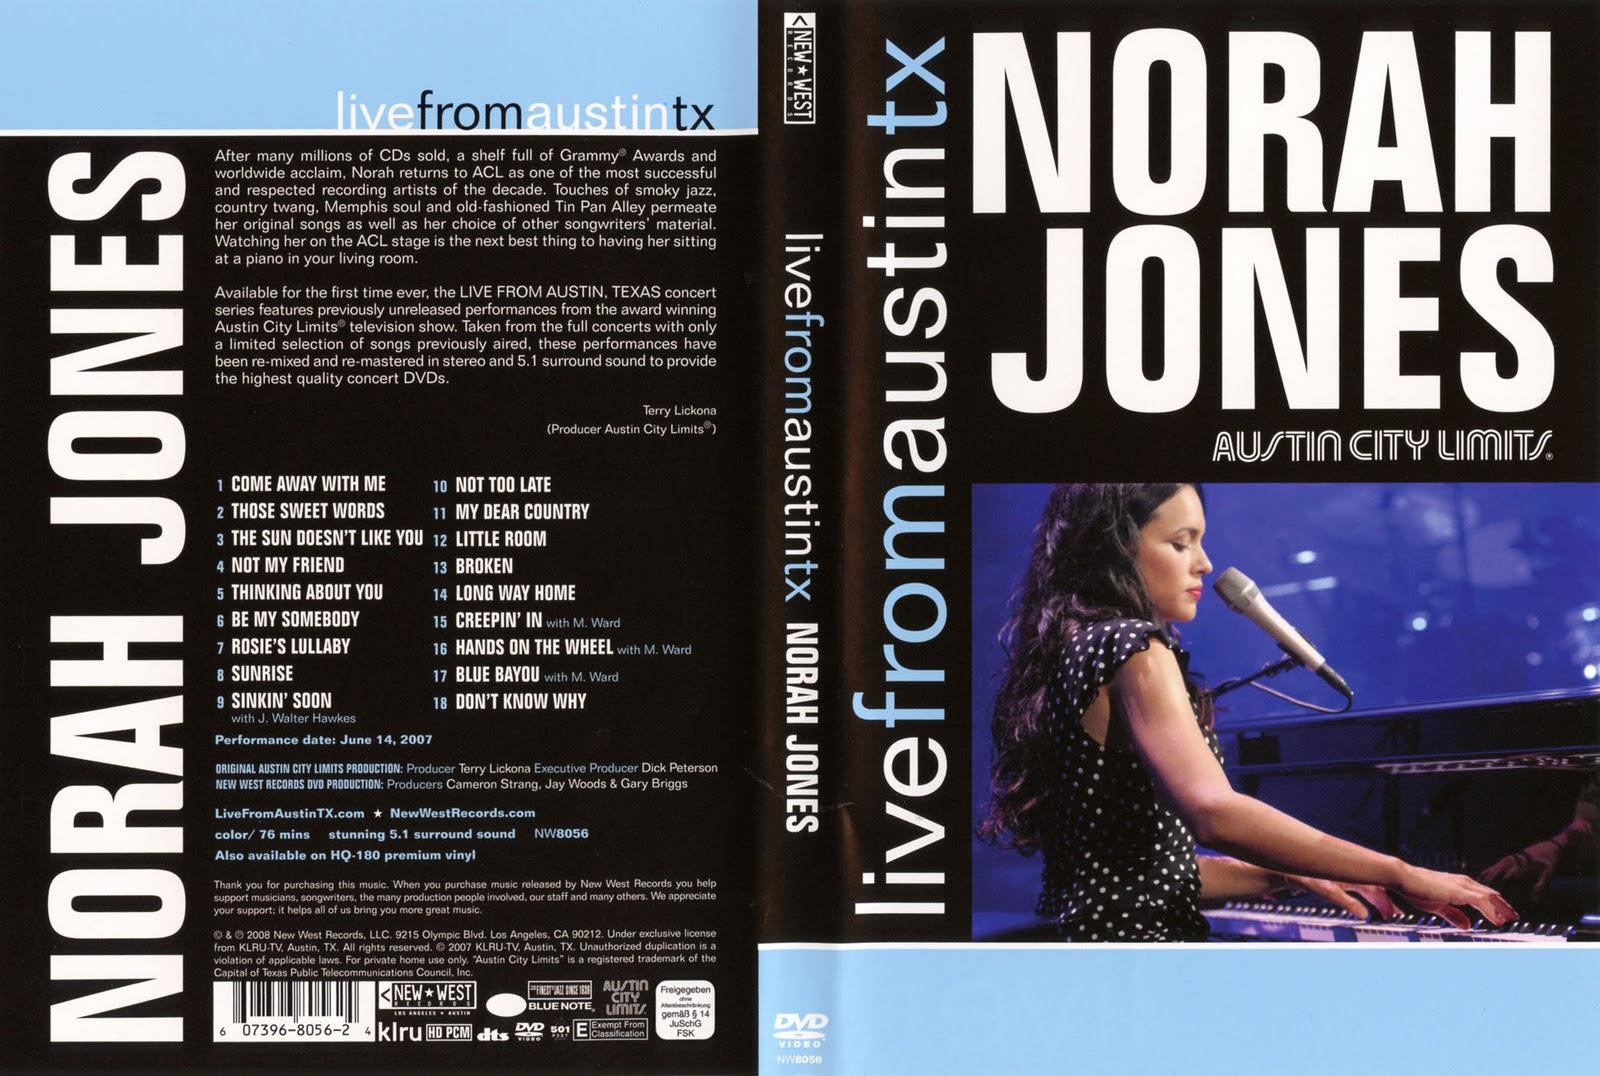 http://3.bp.blogspot.com/-E500U8STXlo/TpNnbS5jblI/AAAAAAAACLQ/D_7FRyKgmdo/s1600/Norah_Jones-Live_From_Austin_TX_%2528DVD%2529-Caratula.jpg